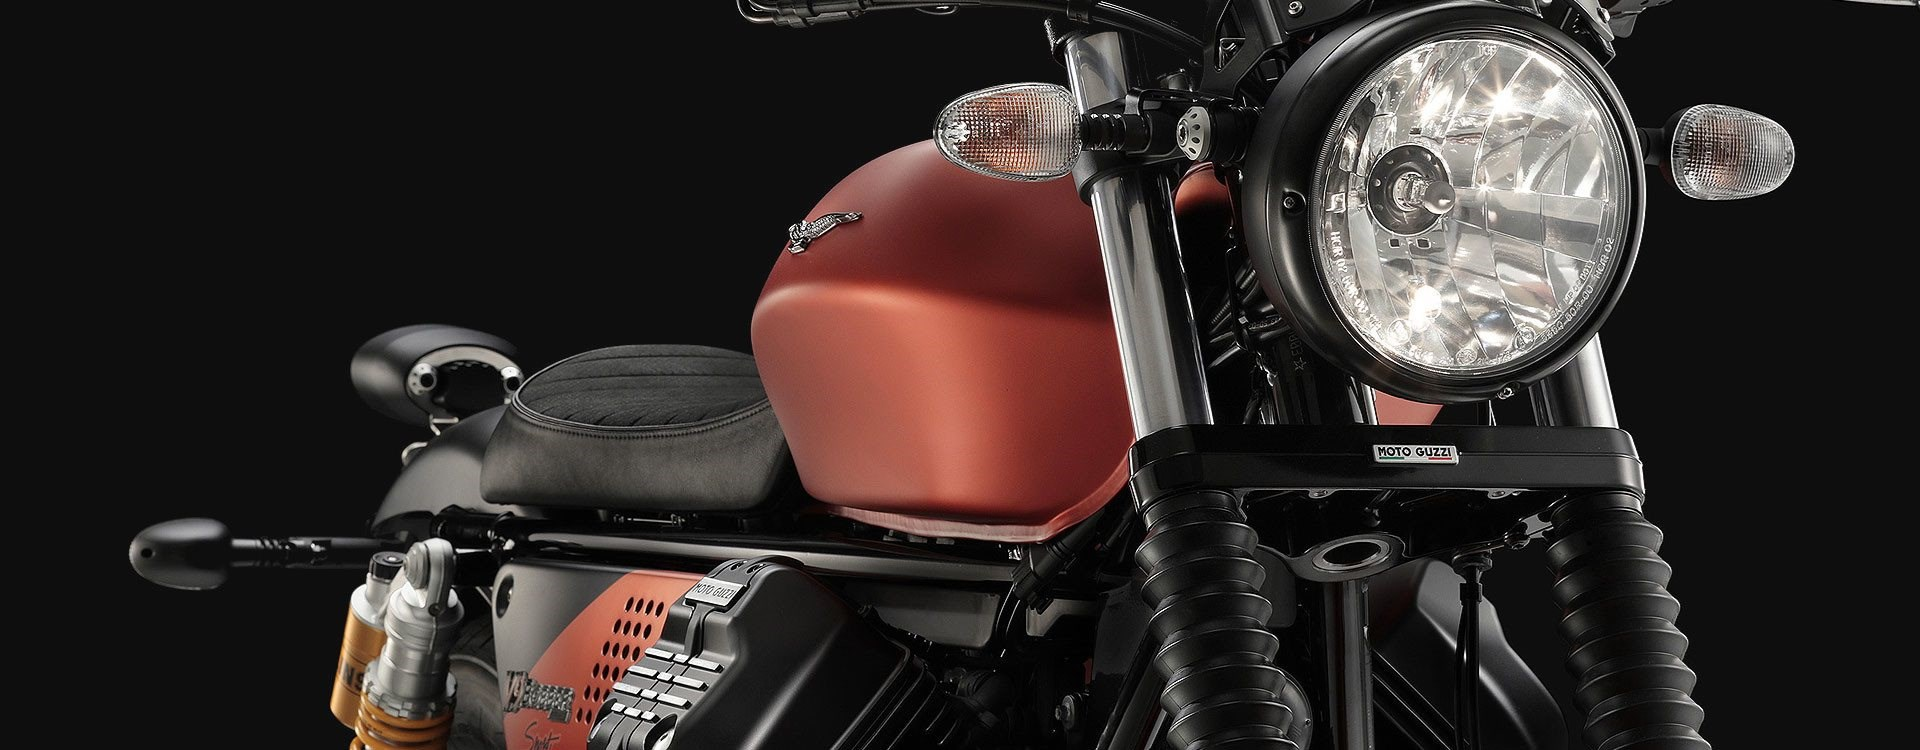 Ein Motorrad mit Charakter und Temperament